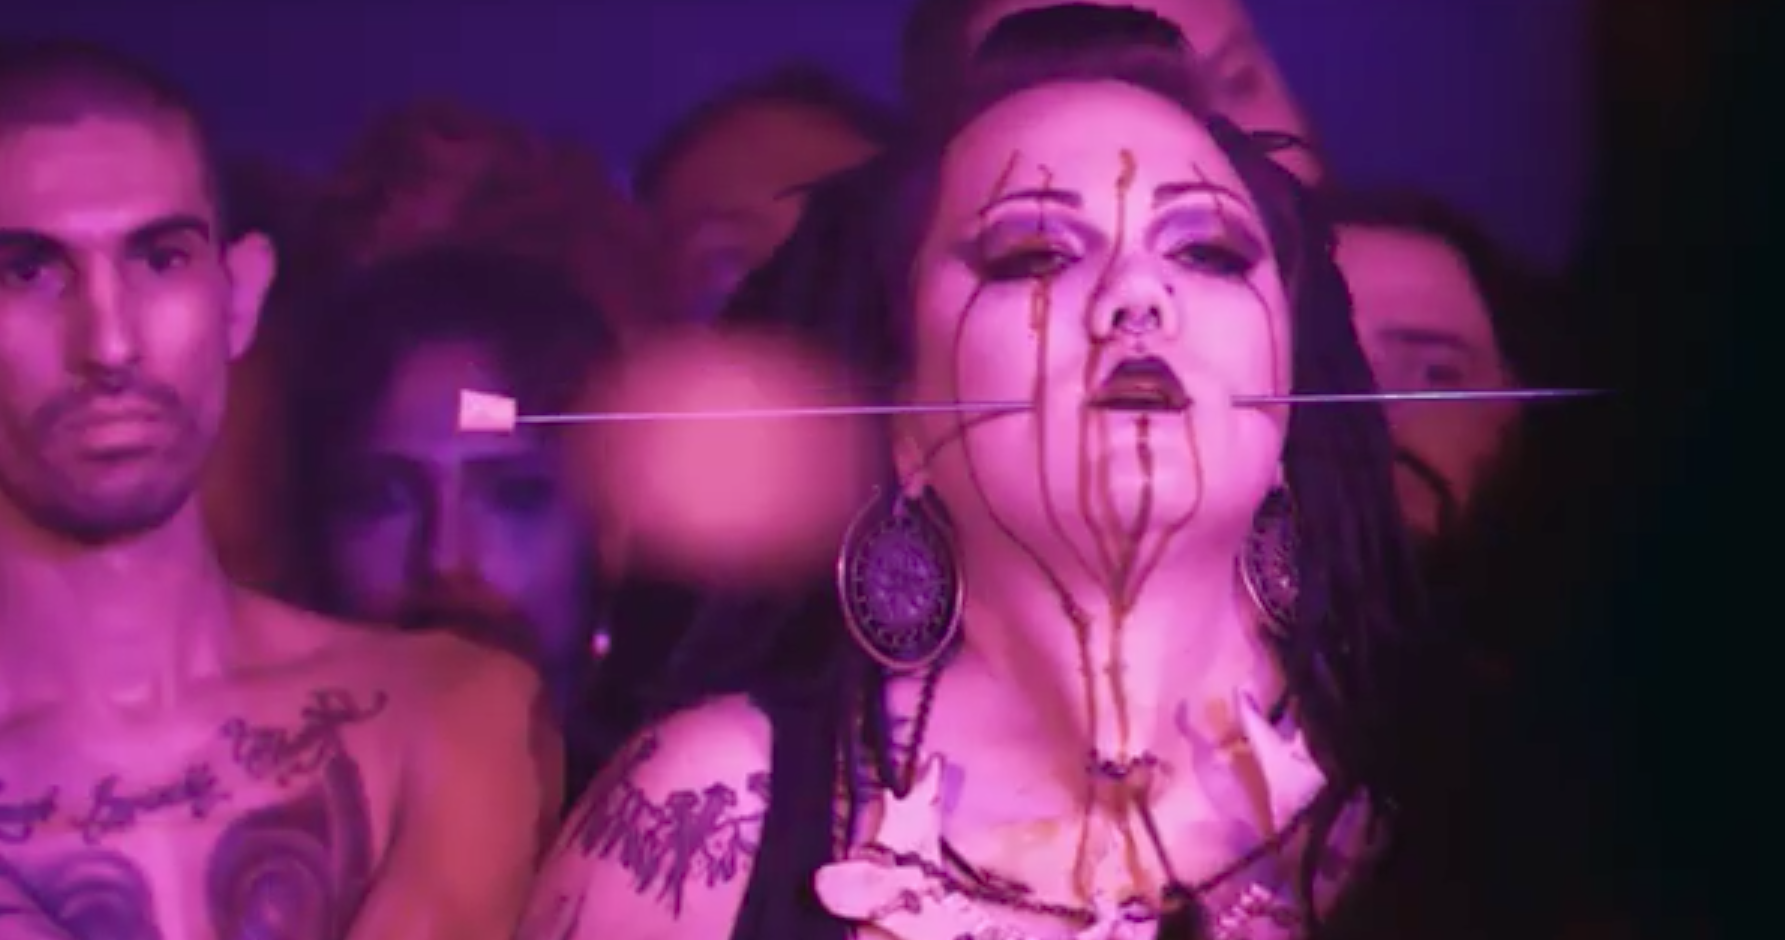 'Hail Satan?' Trailer: Penny Lane's Demonic Documentary on Religion in America